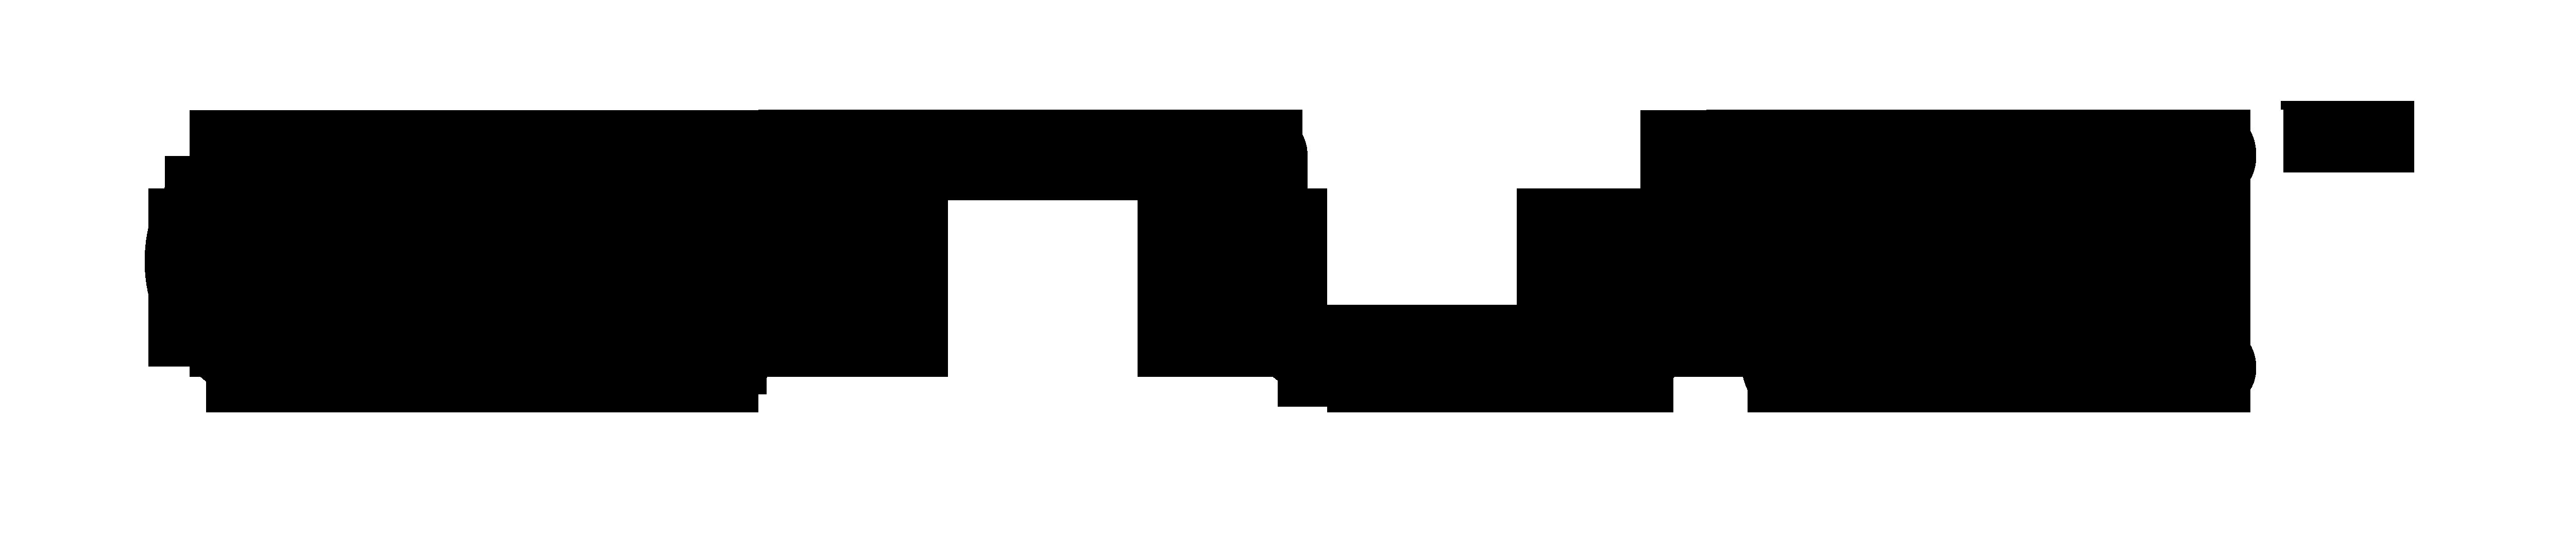 Velocity Micro | Logos